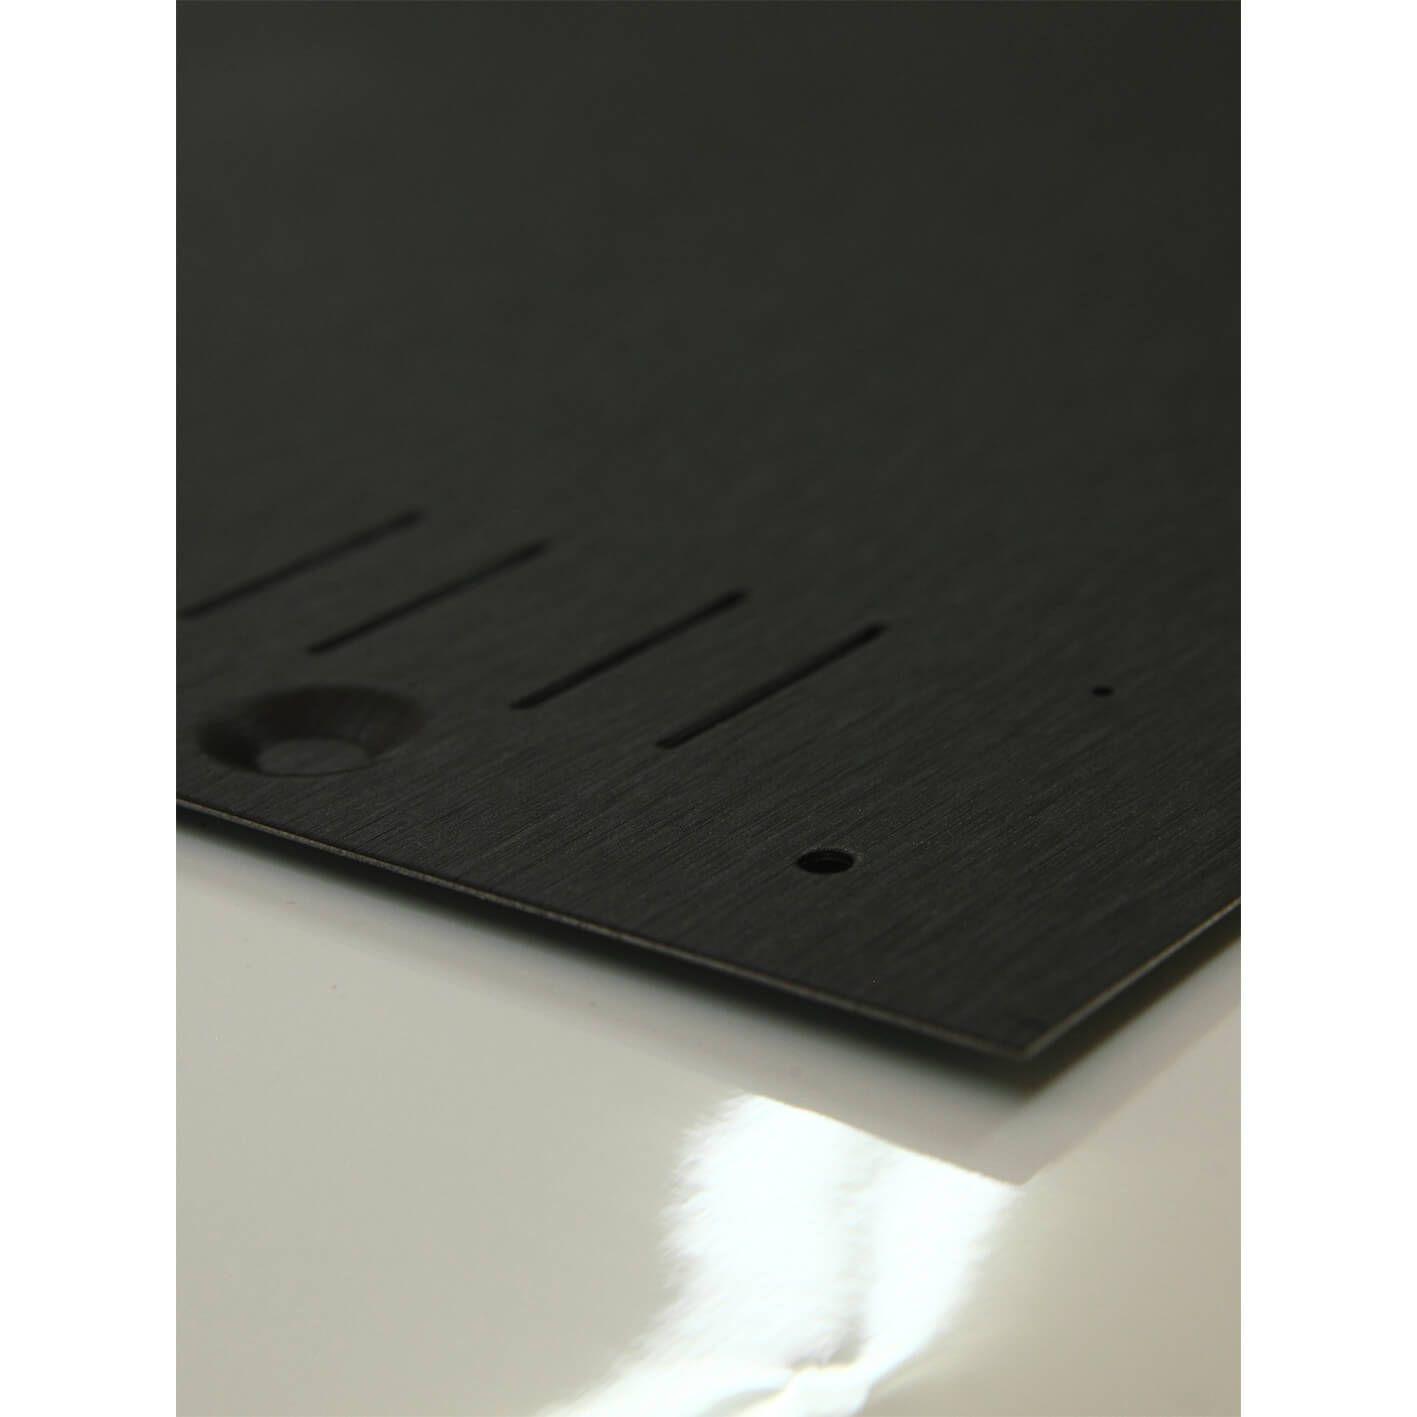 Astm D2244 Ebook